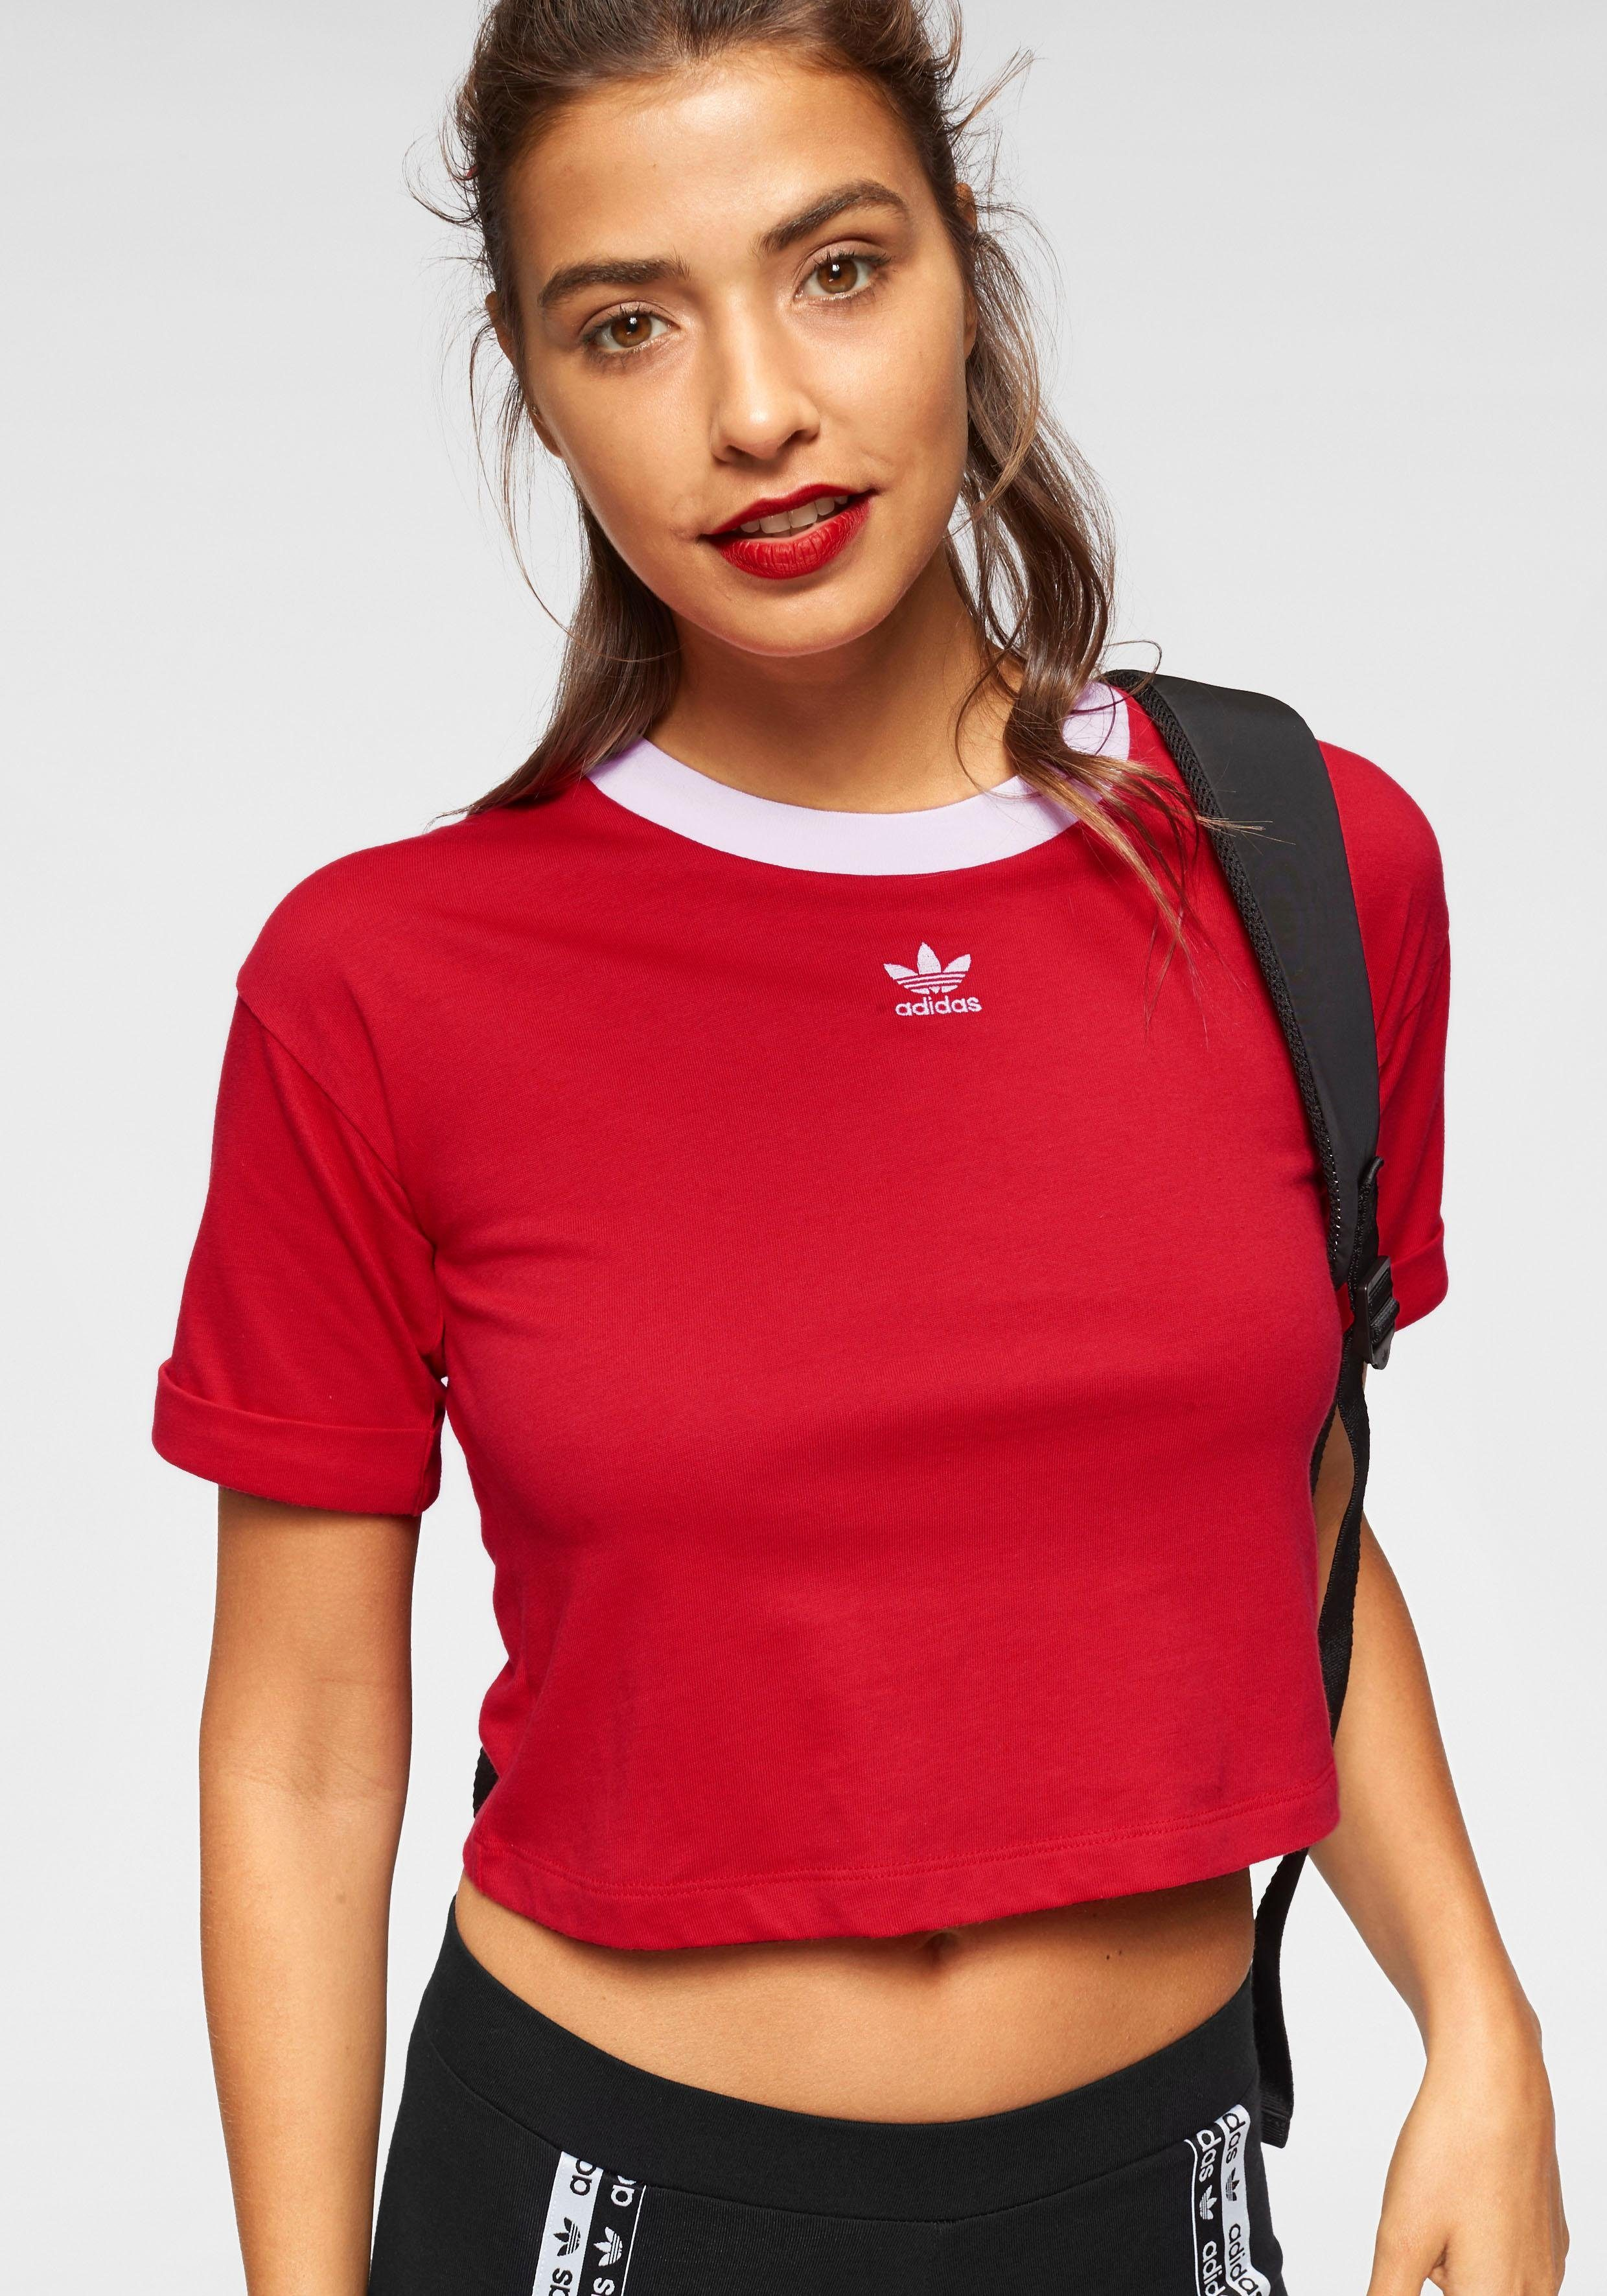 adidas Originals T Shirt »CROP TOP« online kaufen | OTTO